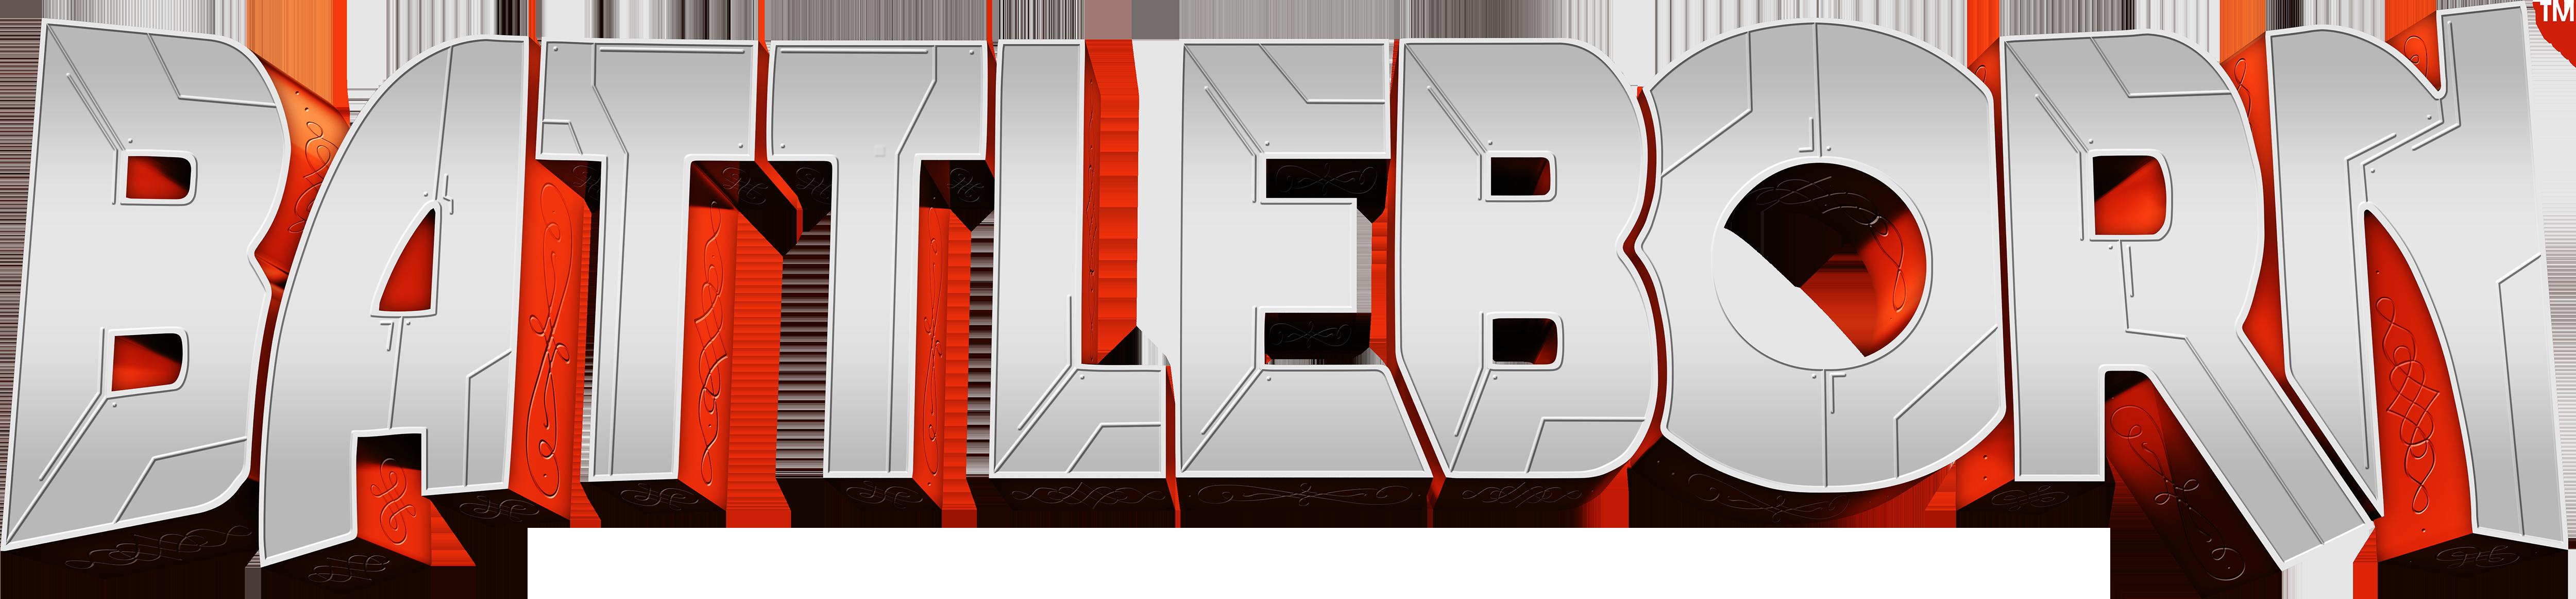 hitman_logo.jpg